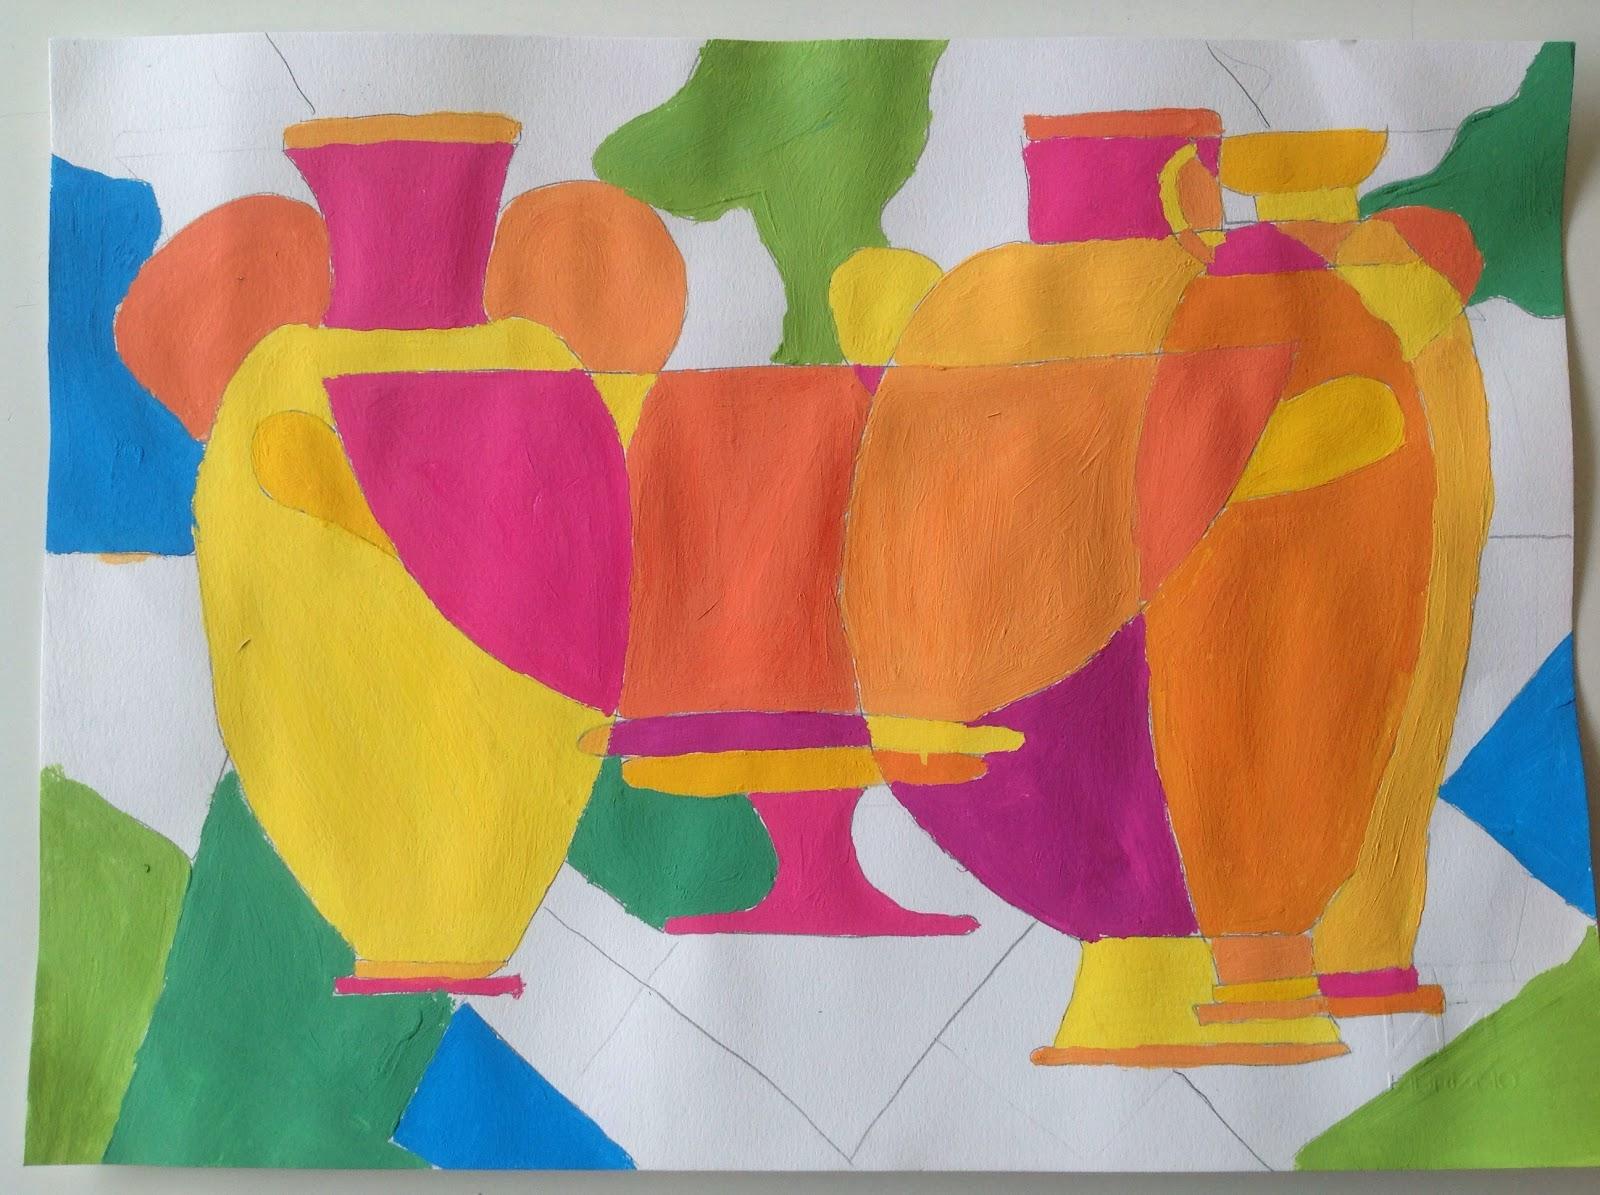 Vasi greci con colori caldi e freddi artisticascuola for Disegni a colori caldi